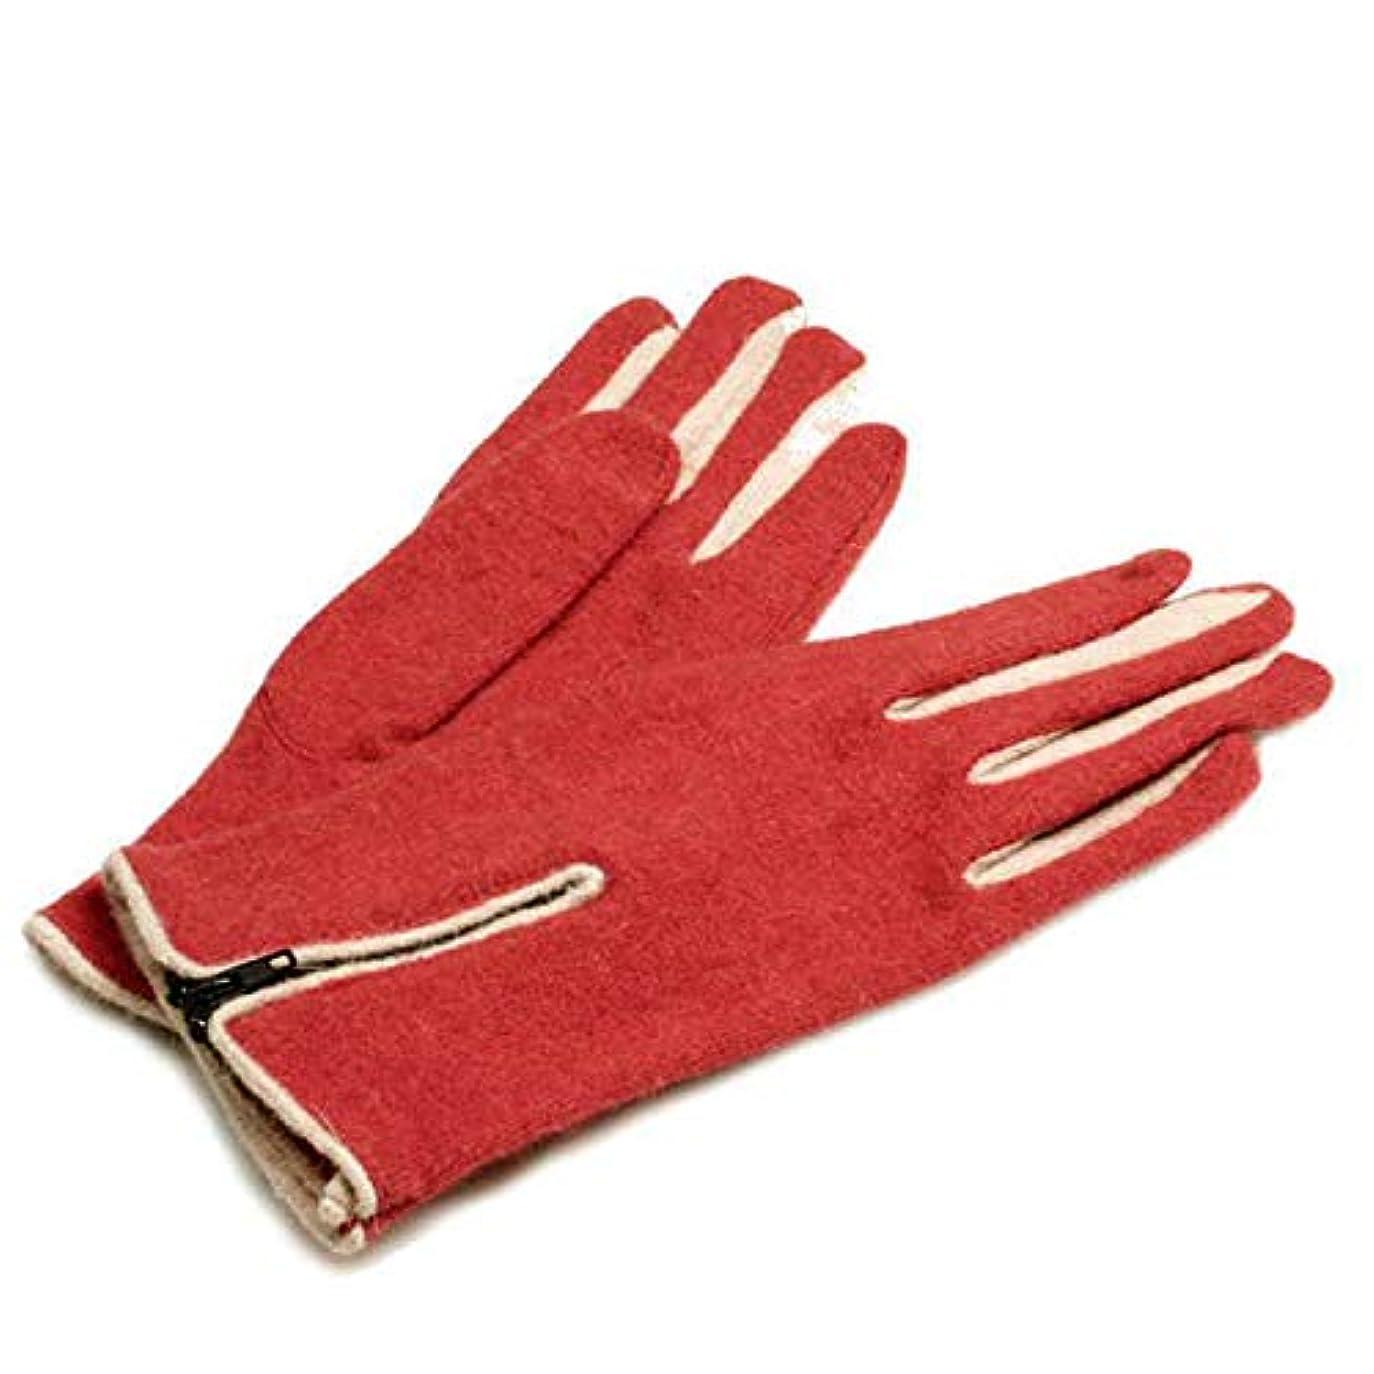 してはいけない家事マーケティング秋と冬レディースフィンガー手袋ショートセクション厚手のウール手袋乗馬ウォーム手袋を運転する